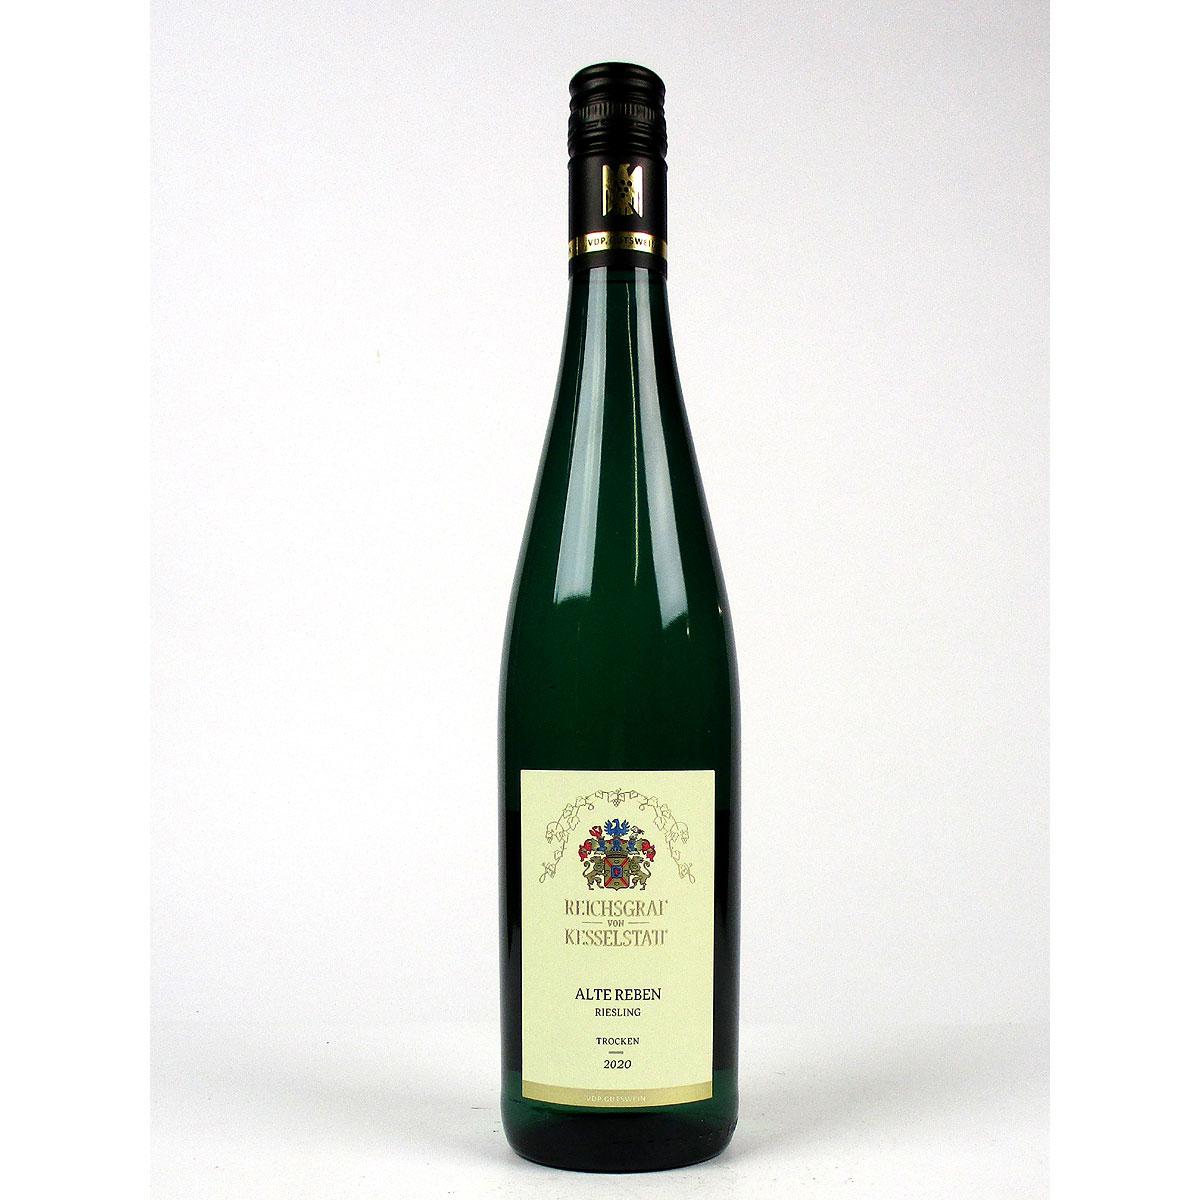 Mosel: Reichsgraf von Kesselstatt Alte Reben Trocken Riesling 2020 - Bottle